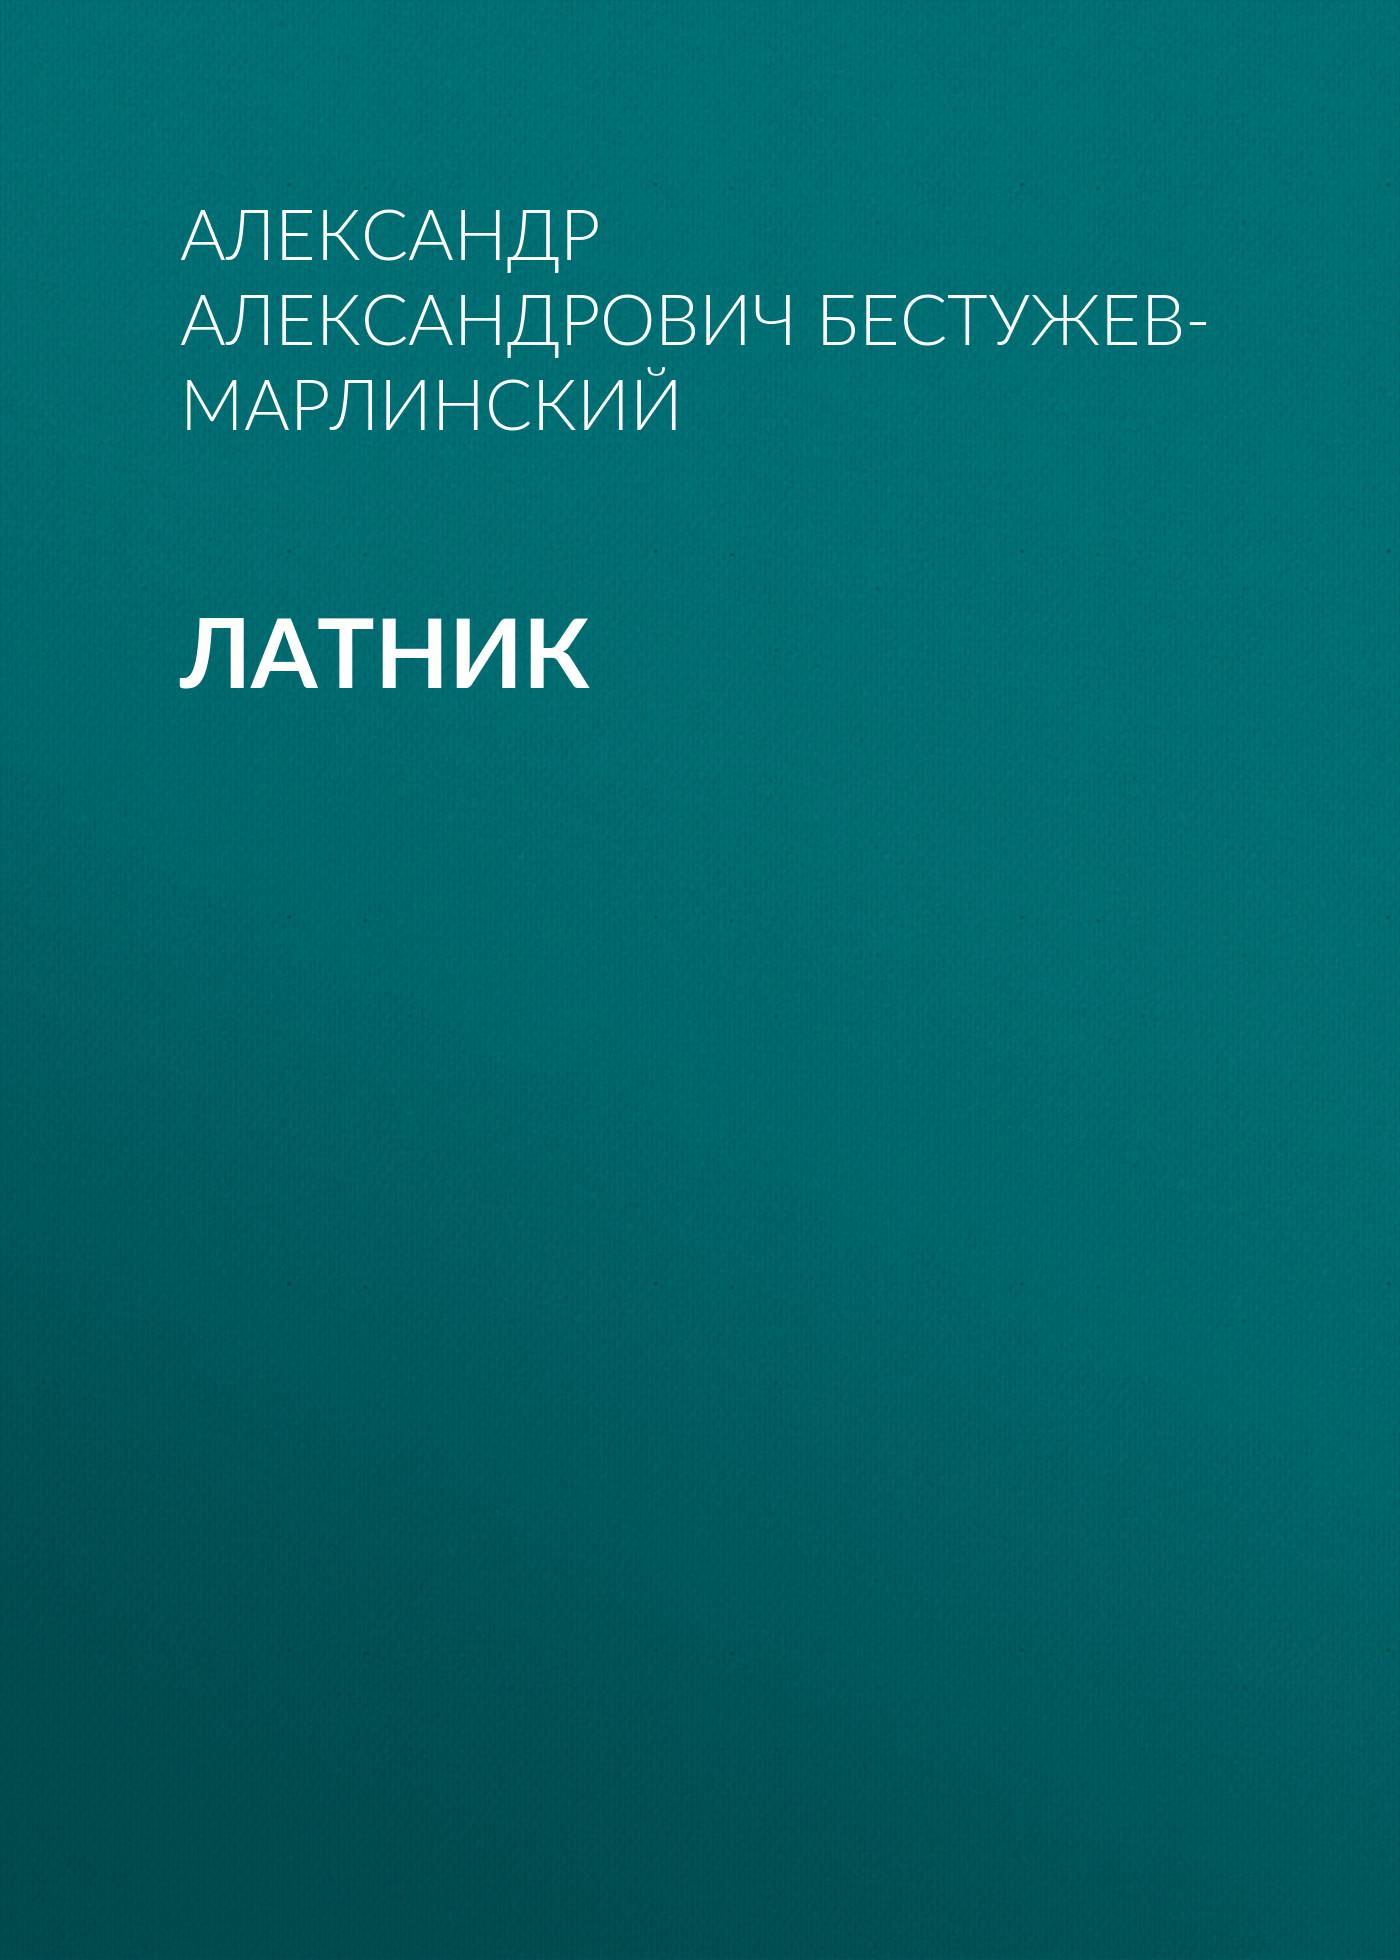 Латник